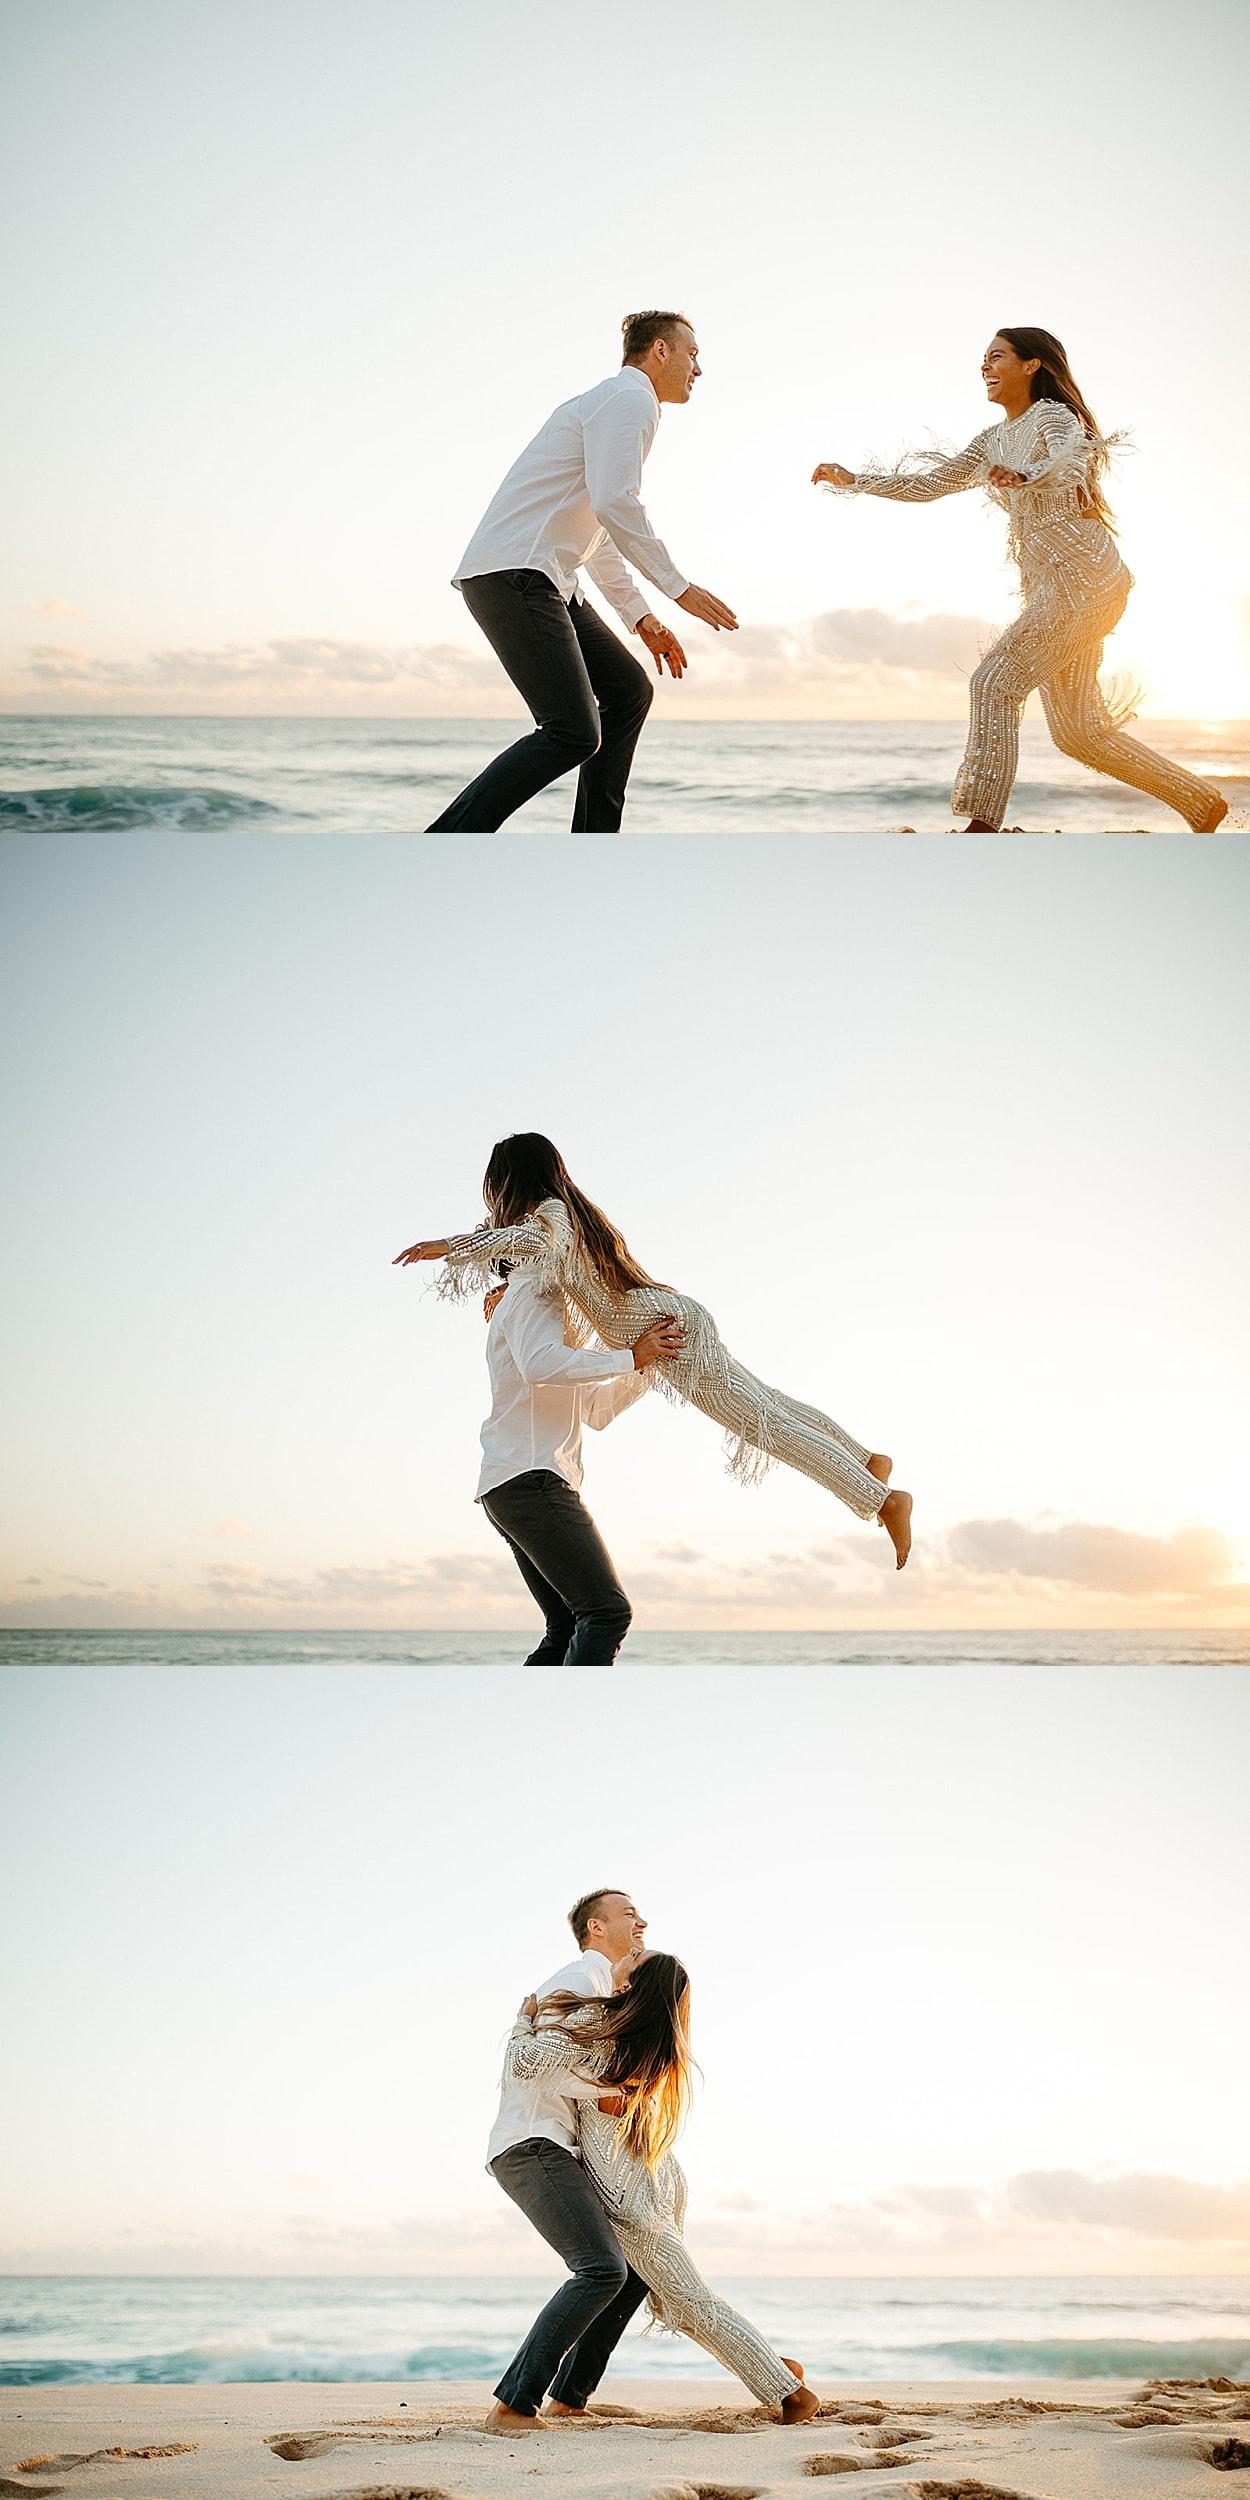 man lifting woman on a beach